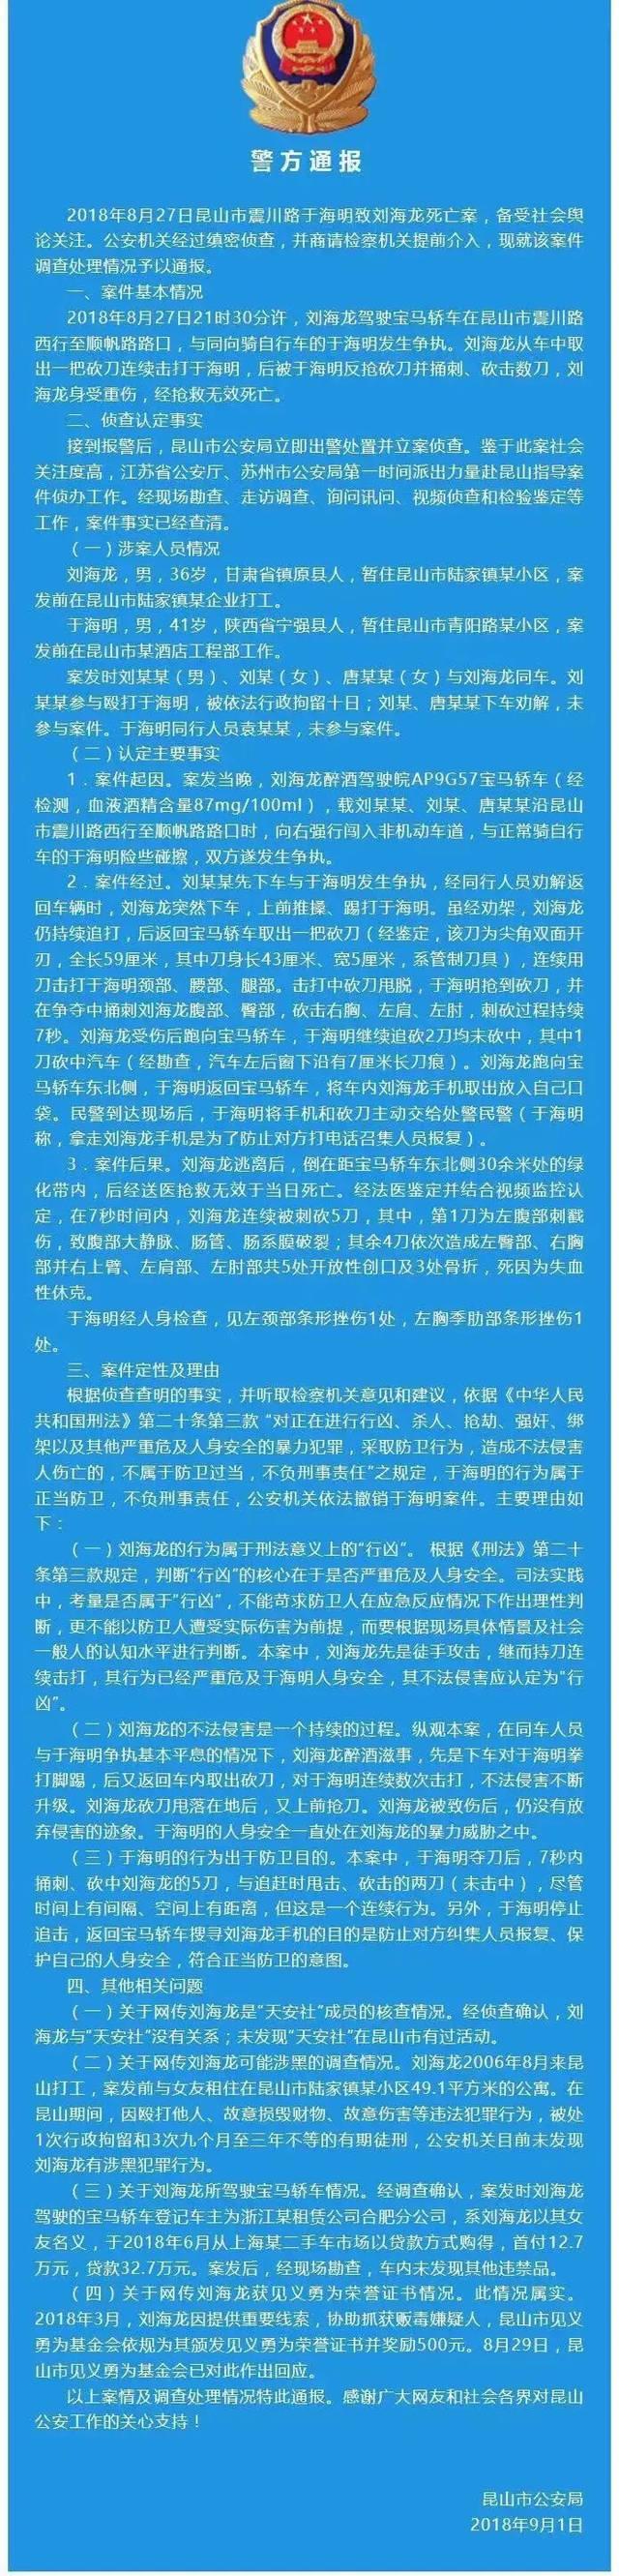 昆山警方通报:龙哥案属正当防卫